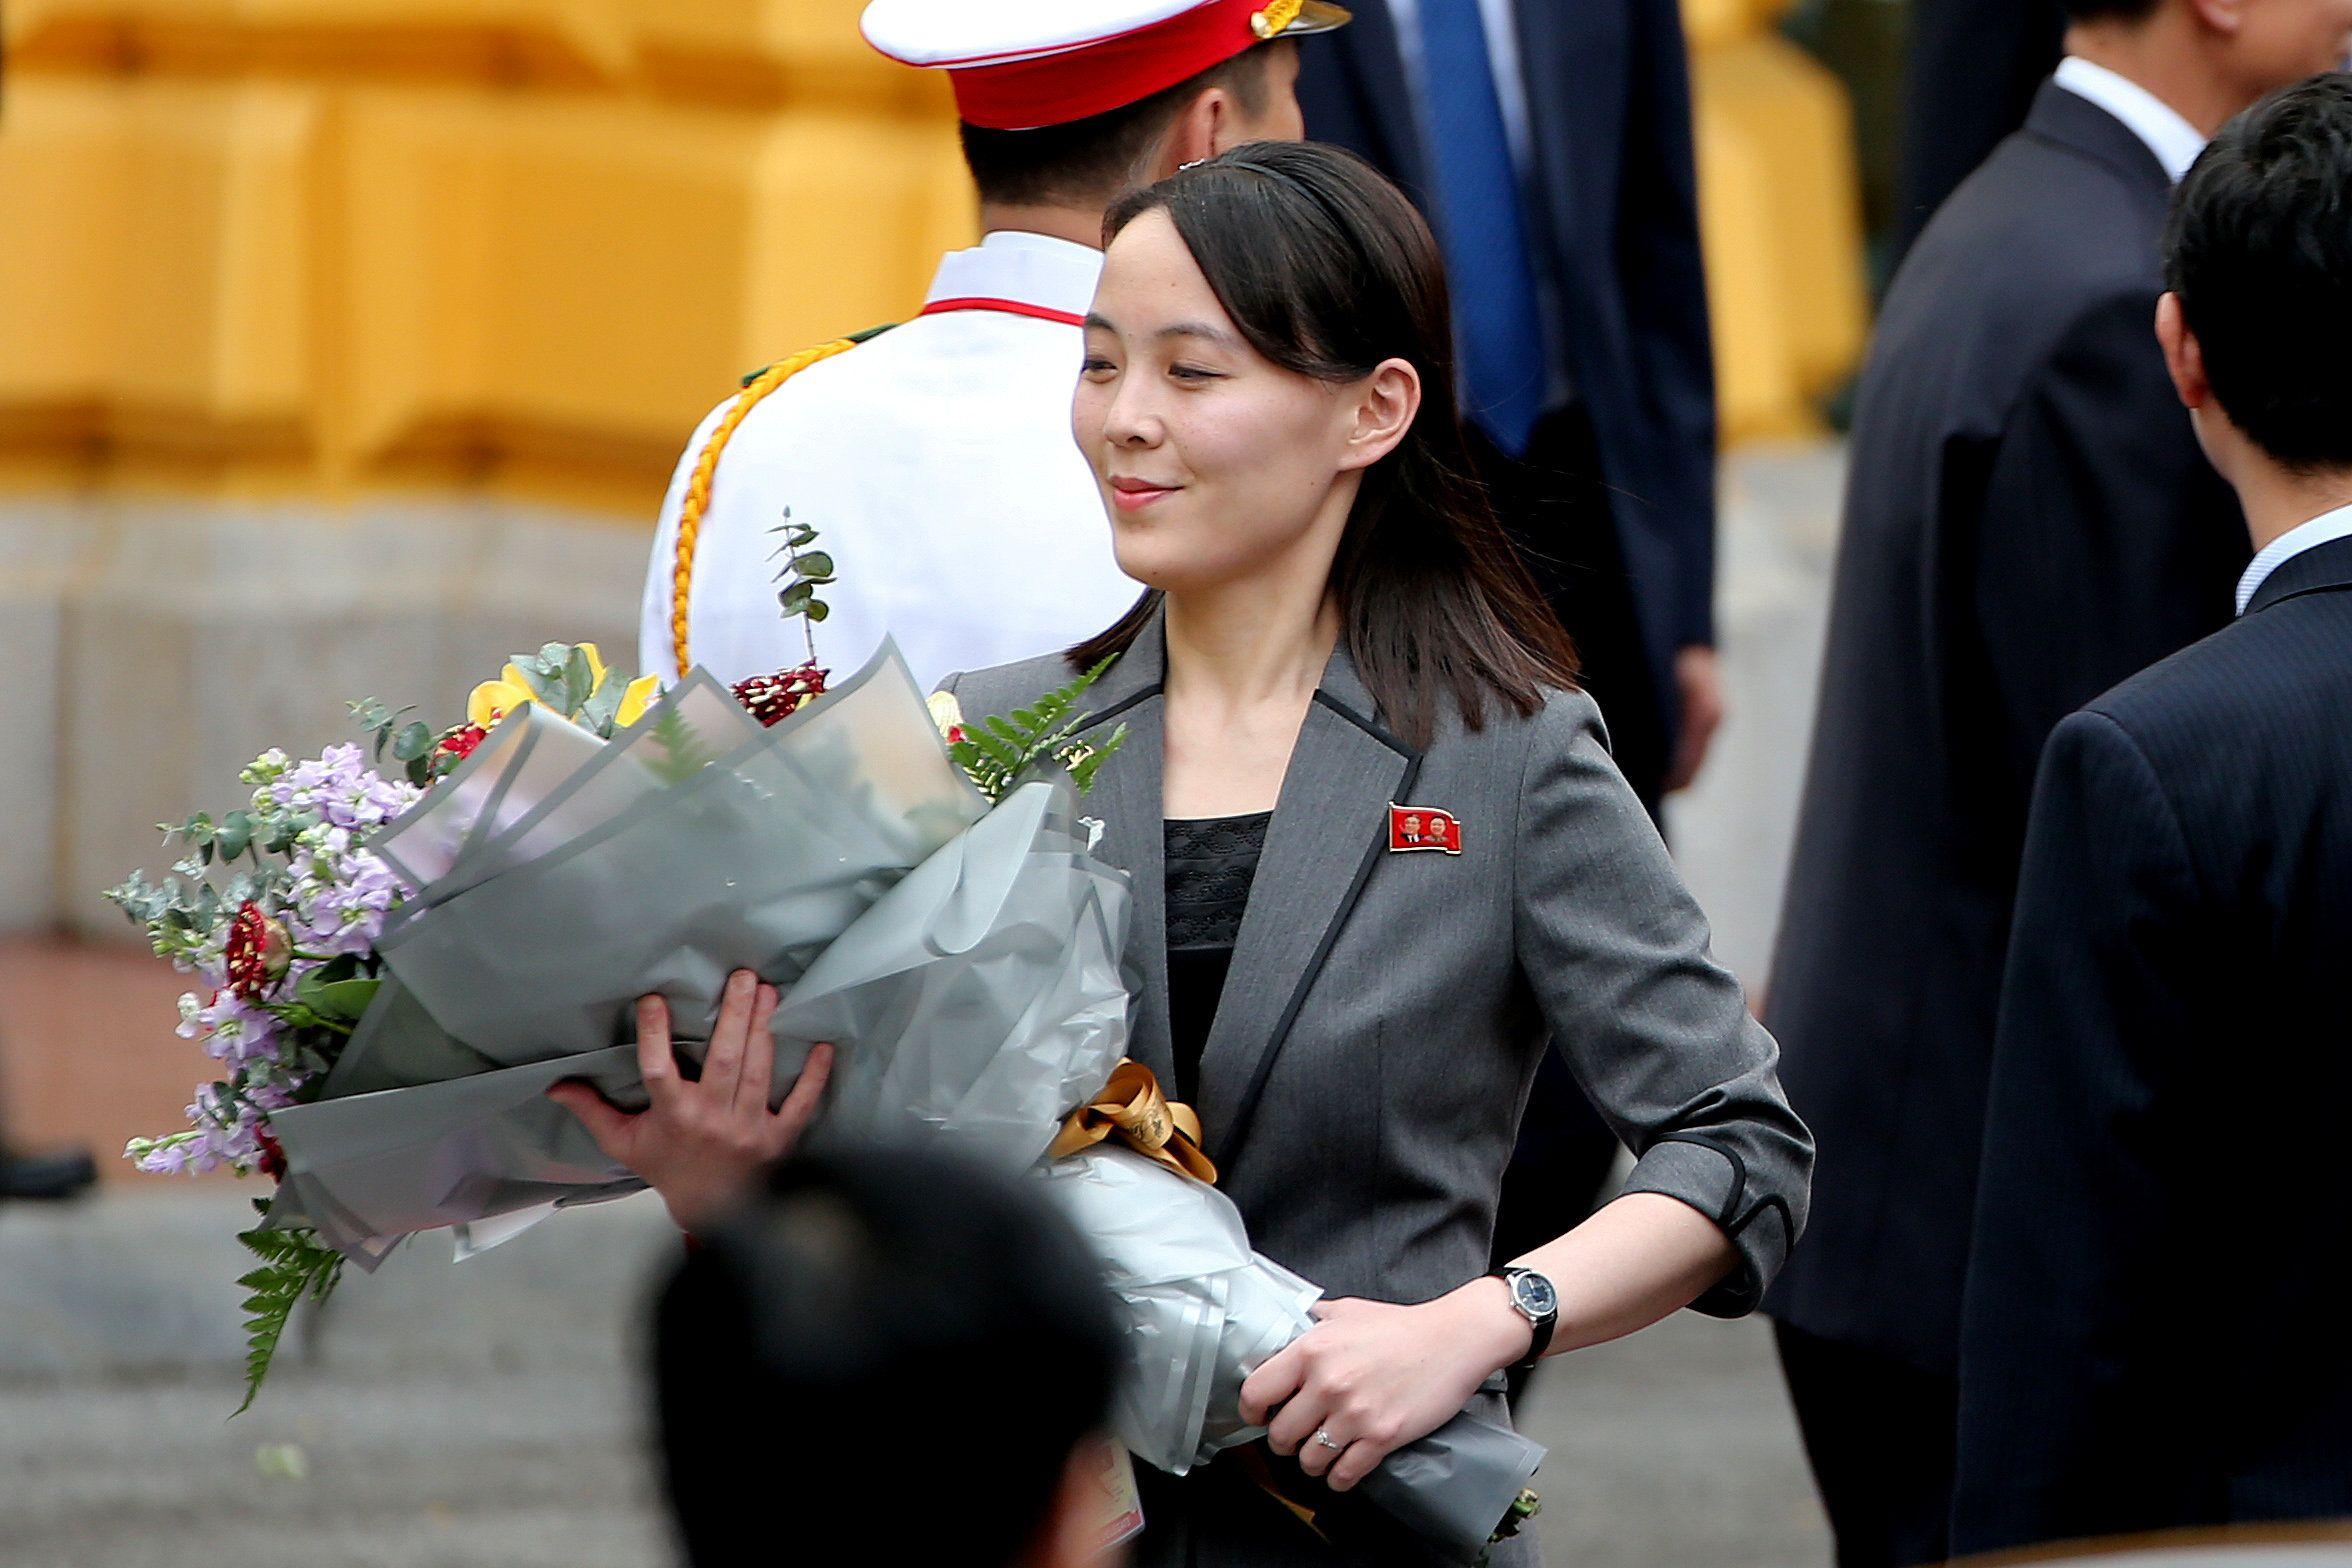 Kim Yo Jong sostiene un ramo de flores durante una ceremonia de bienvenida en el Palacio Presidencial en Hanoi, Vietnam, el 1 de marzo de 2019 (Reuters)